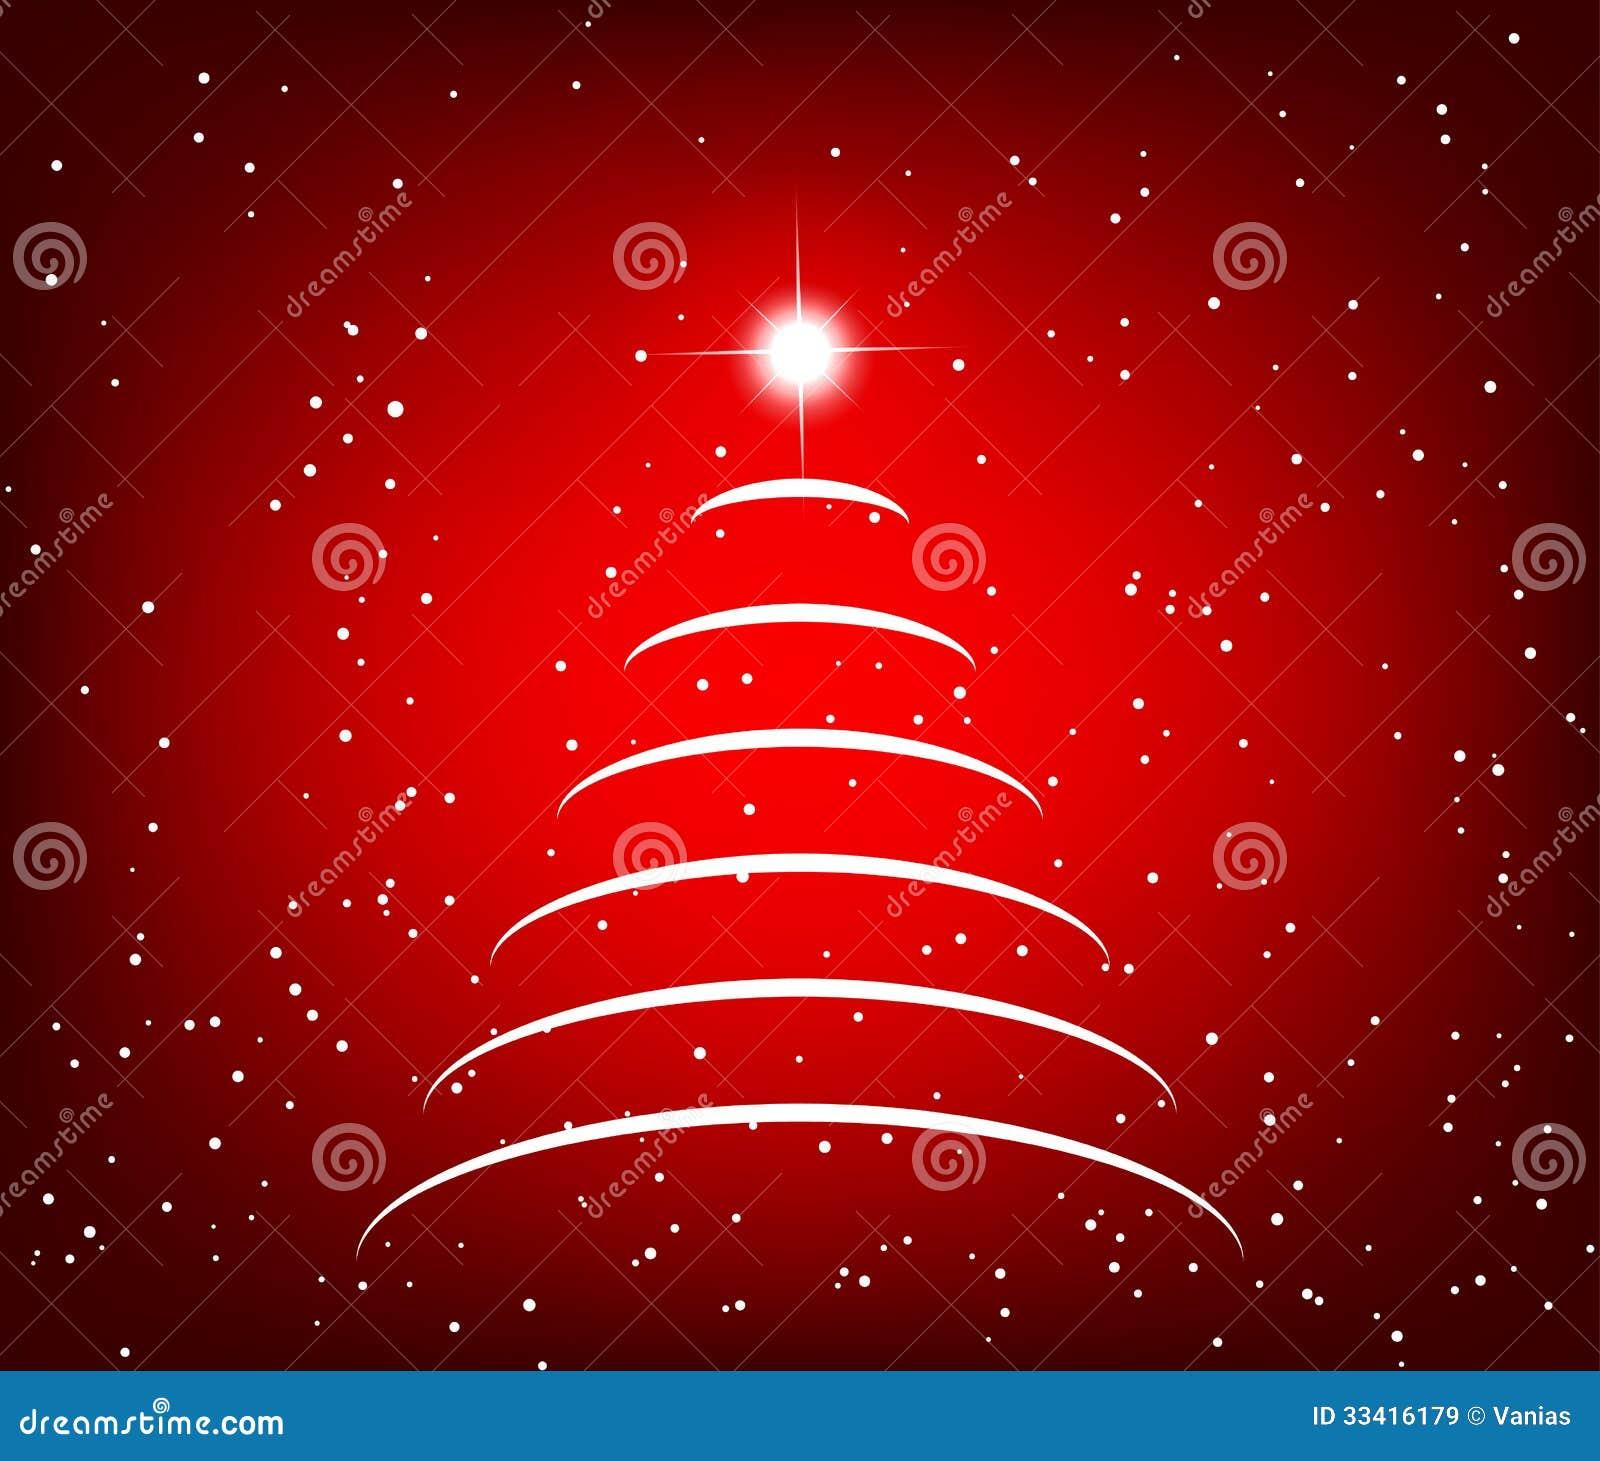 Exceptionnel Fond D'arbre De Noël Images libres de droits - Image: 33416179 SI91